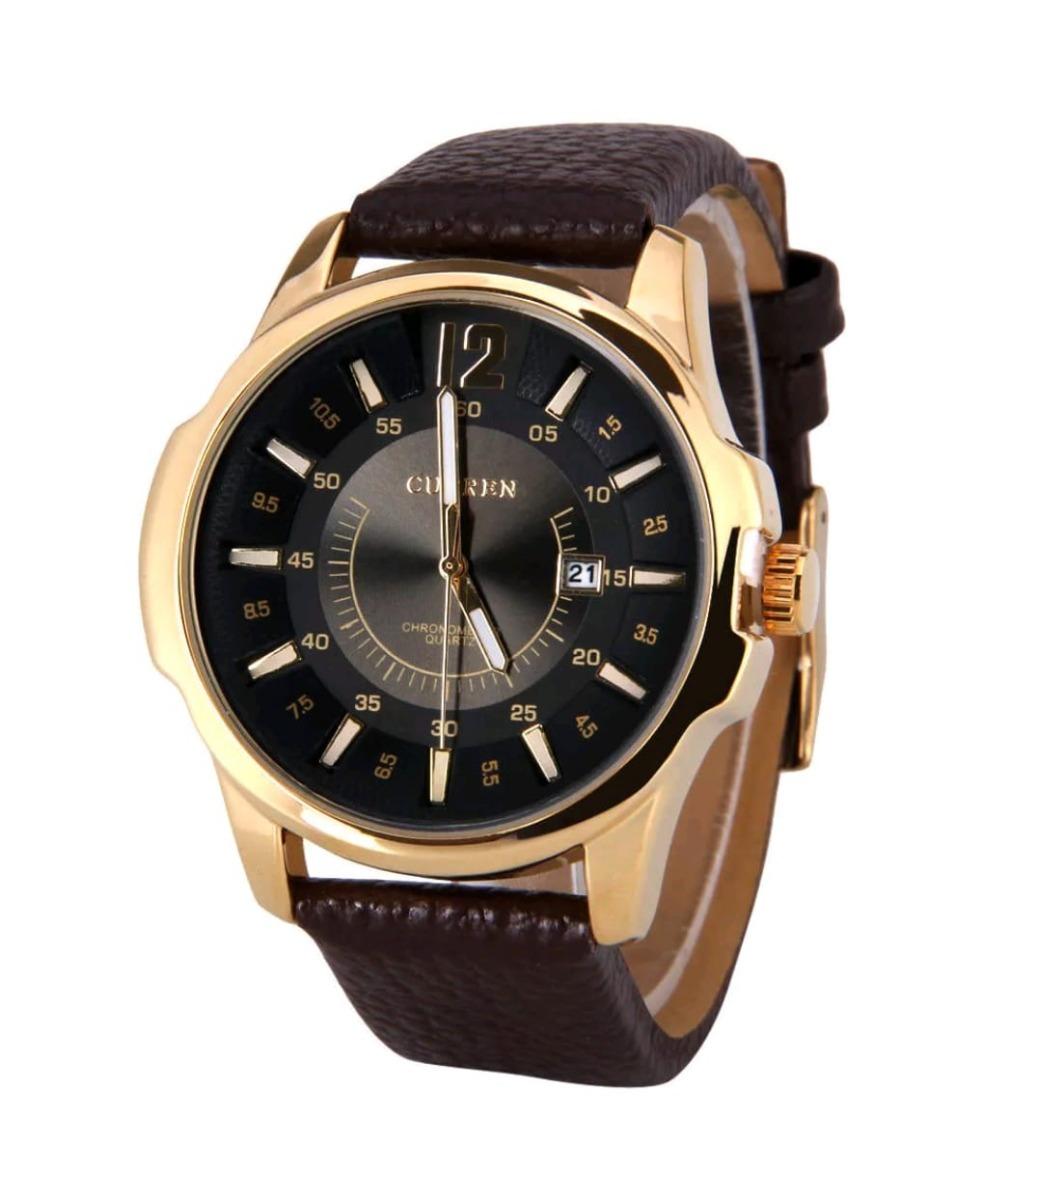 6d9f04391ed relógio masculino curren 8123 couro barato social dourado. Carregando zoom.